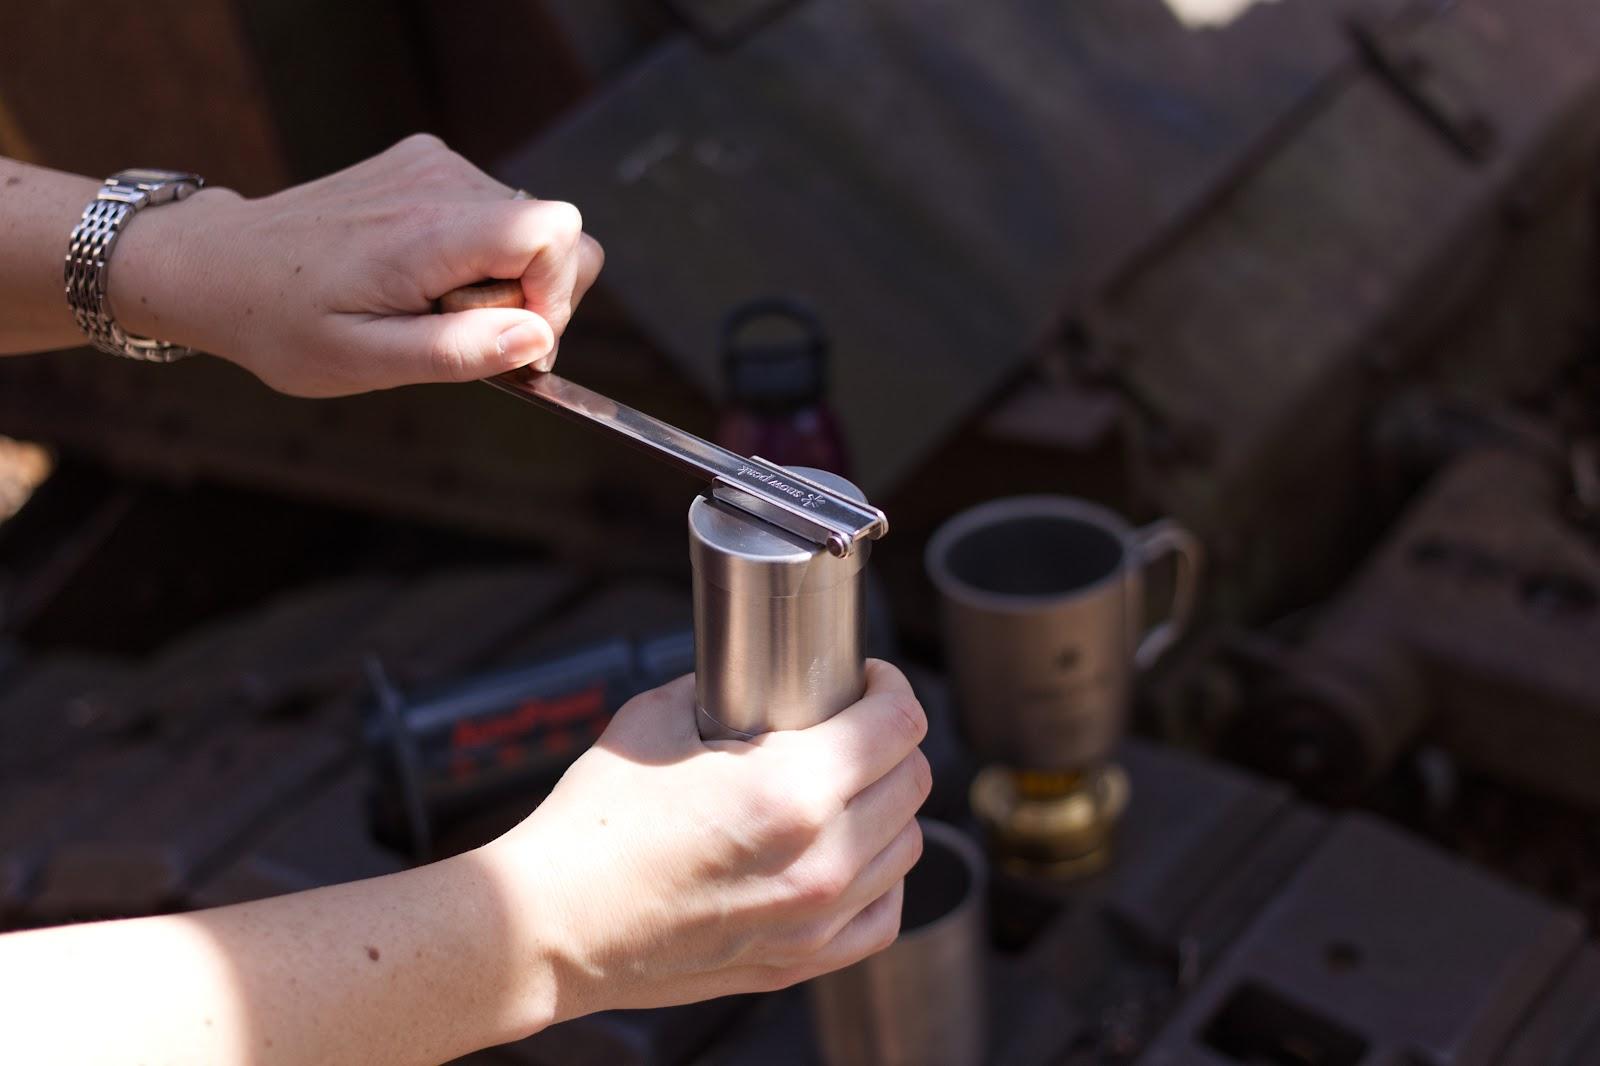 Snow Peak Field Barista Coffee Grinder